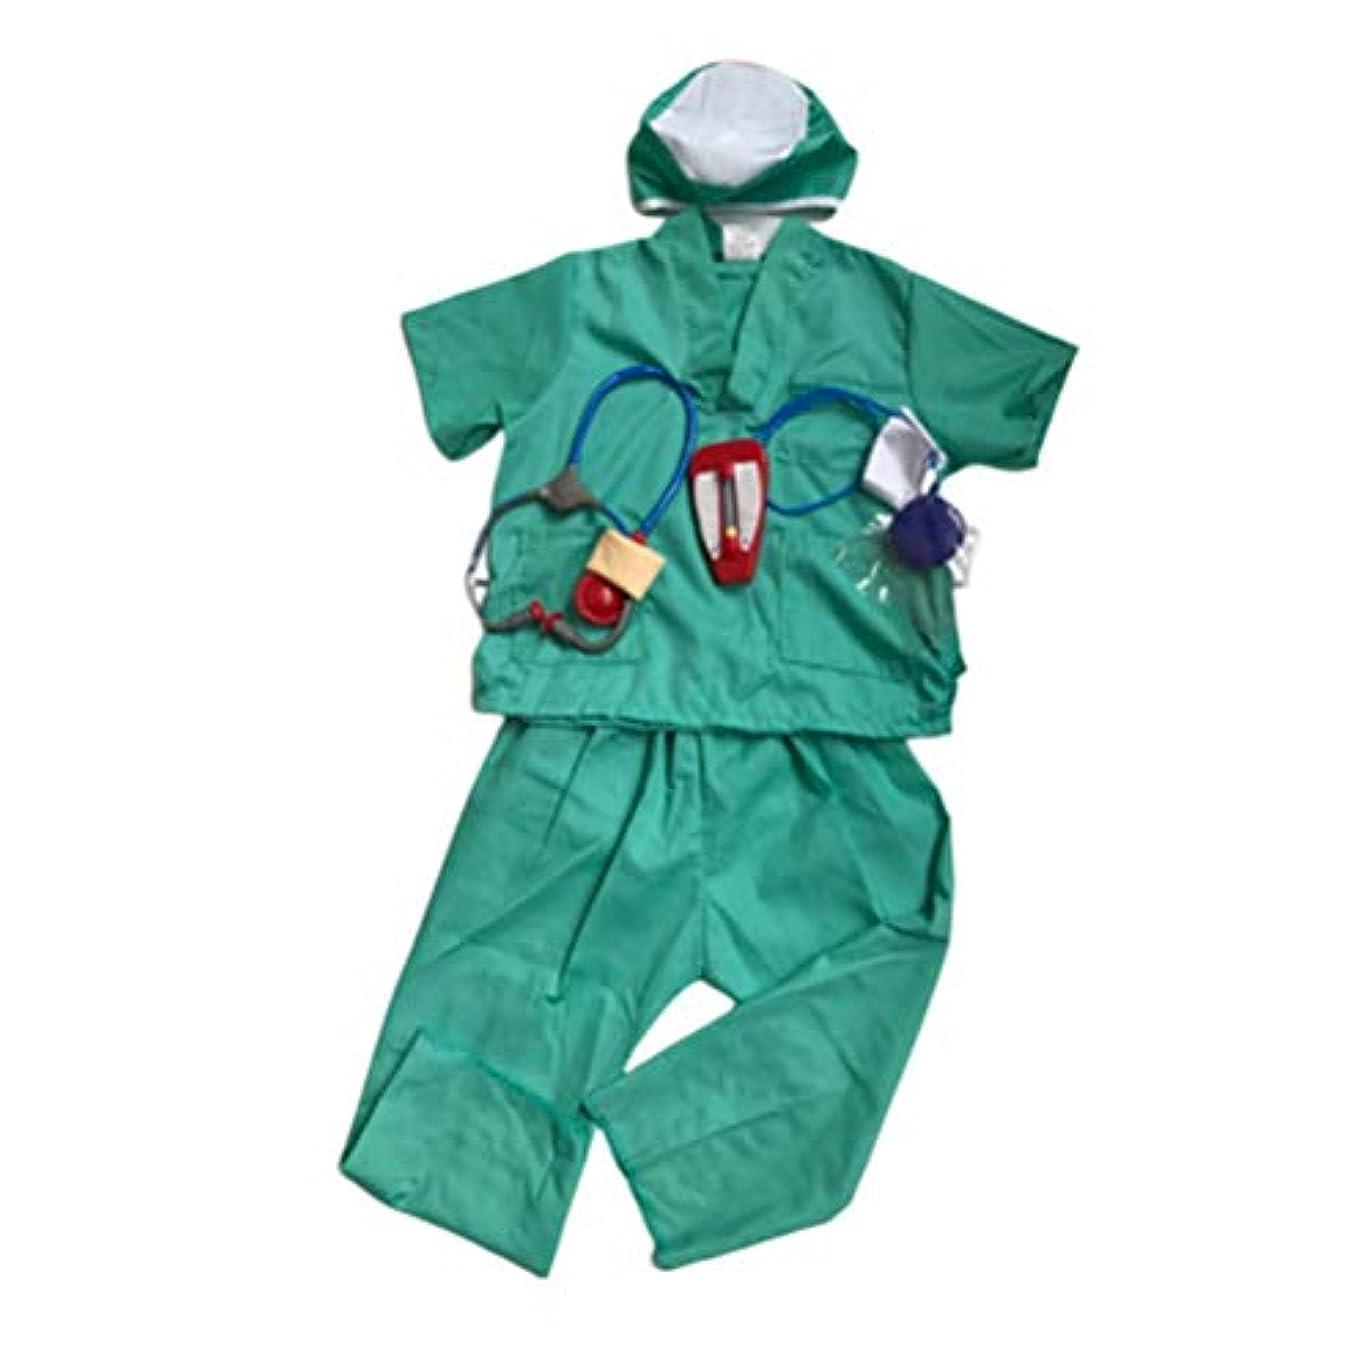 オーバードロー差別レプリカAmosfunドクターユニフォーム子供のための子供手術ガウンコスプレ衣装ロールプレイ衣装ハロウィン仮装パーティー